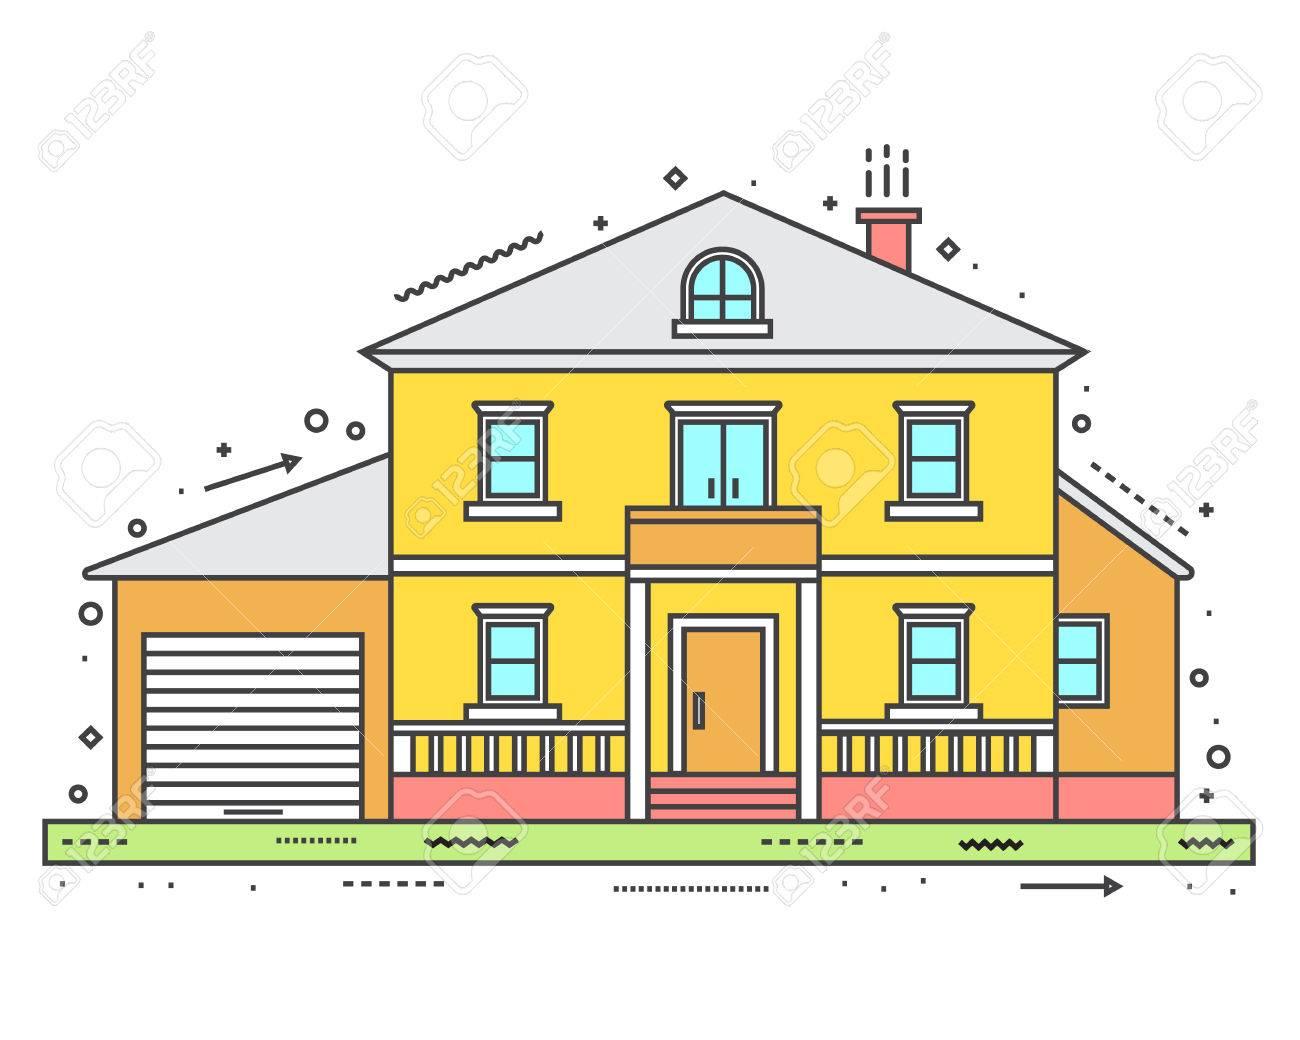 Modernes Haus In Dünne Linie Stil. Vektor-Illustration. Lizenzfrei ...